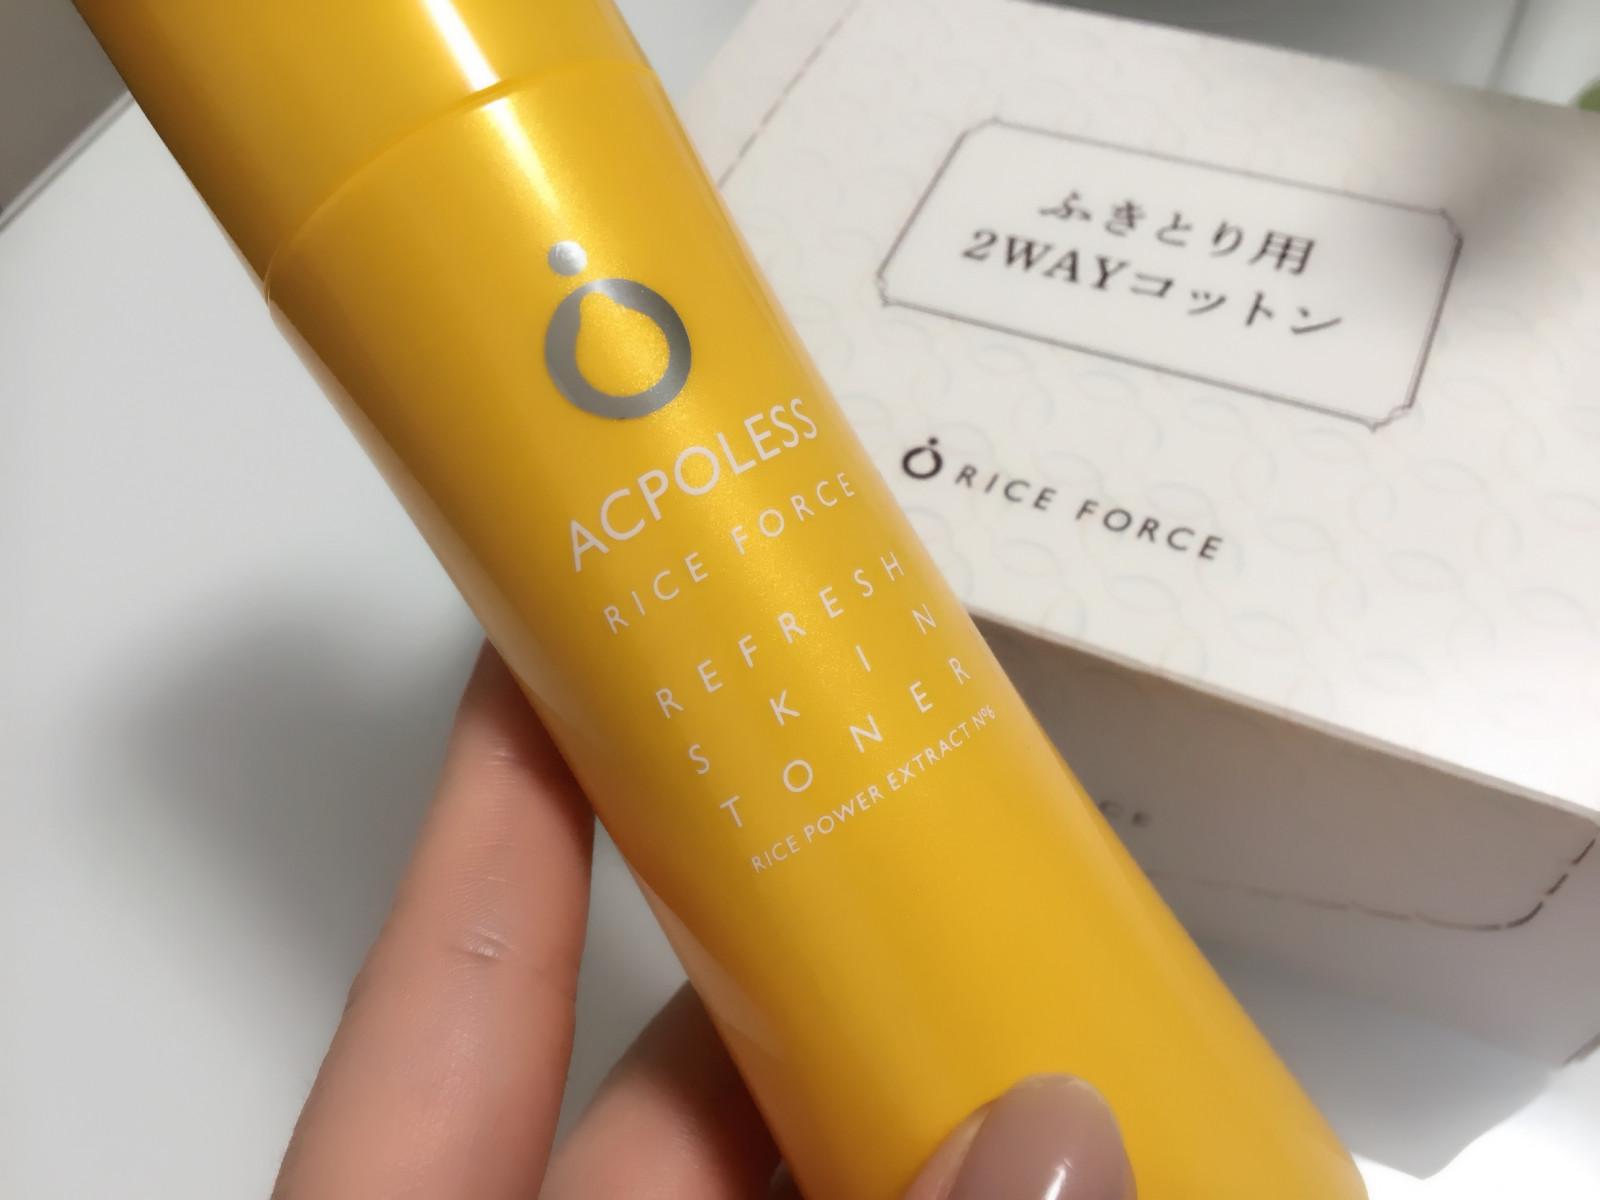 《アクポレス》ふきとり化粧水でニキビ予防